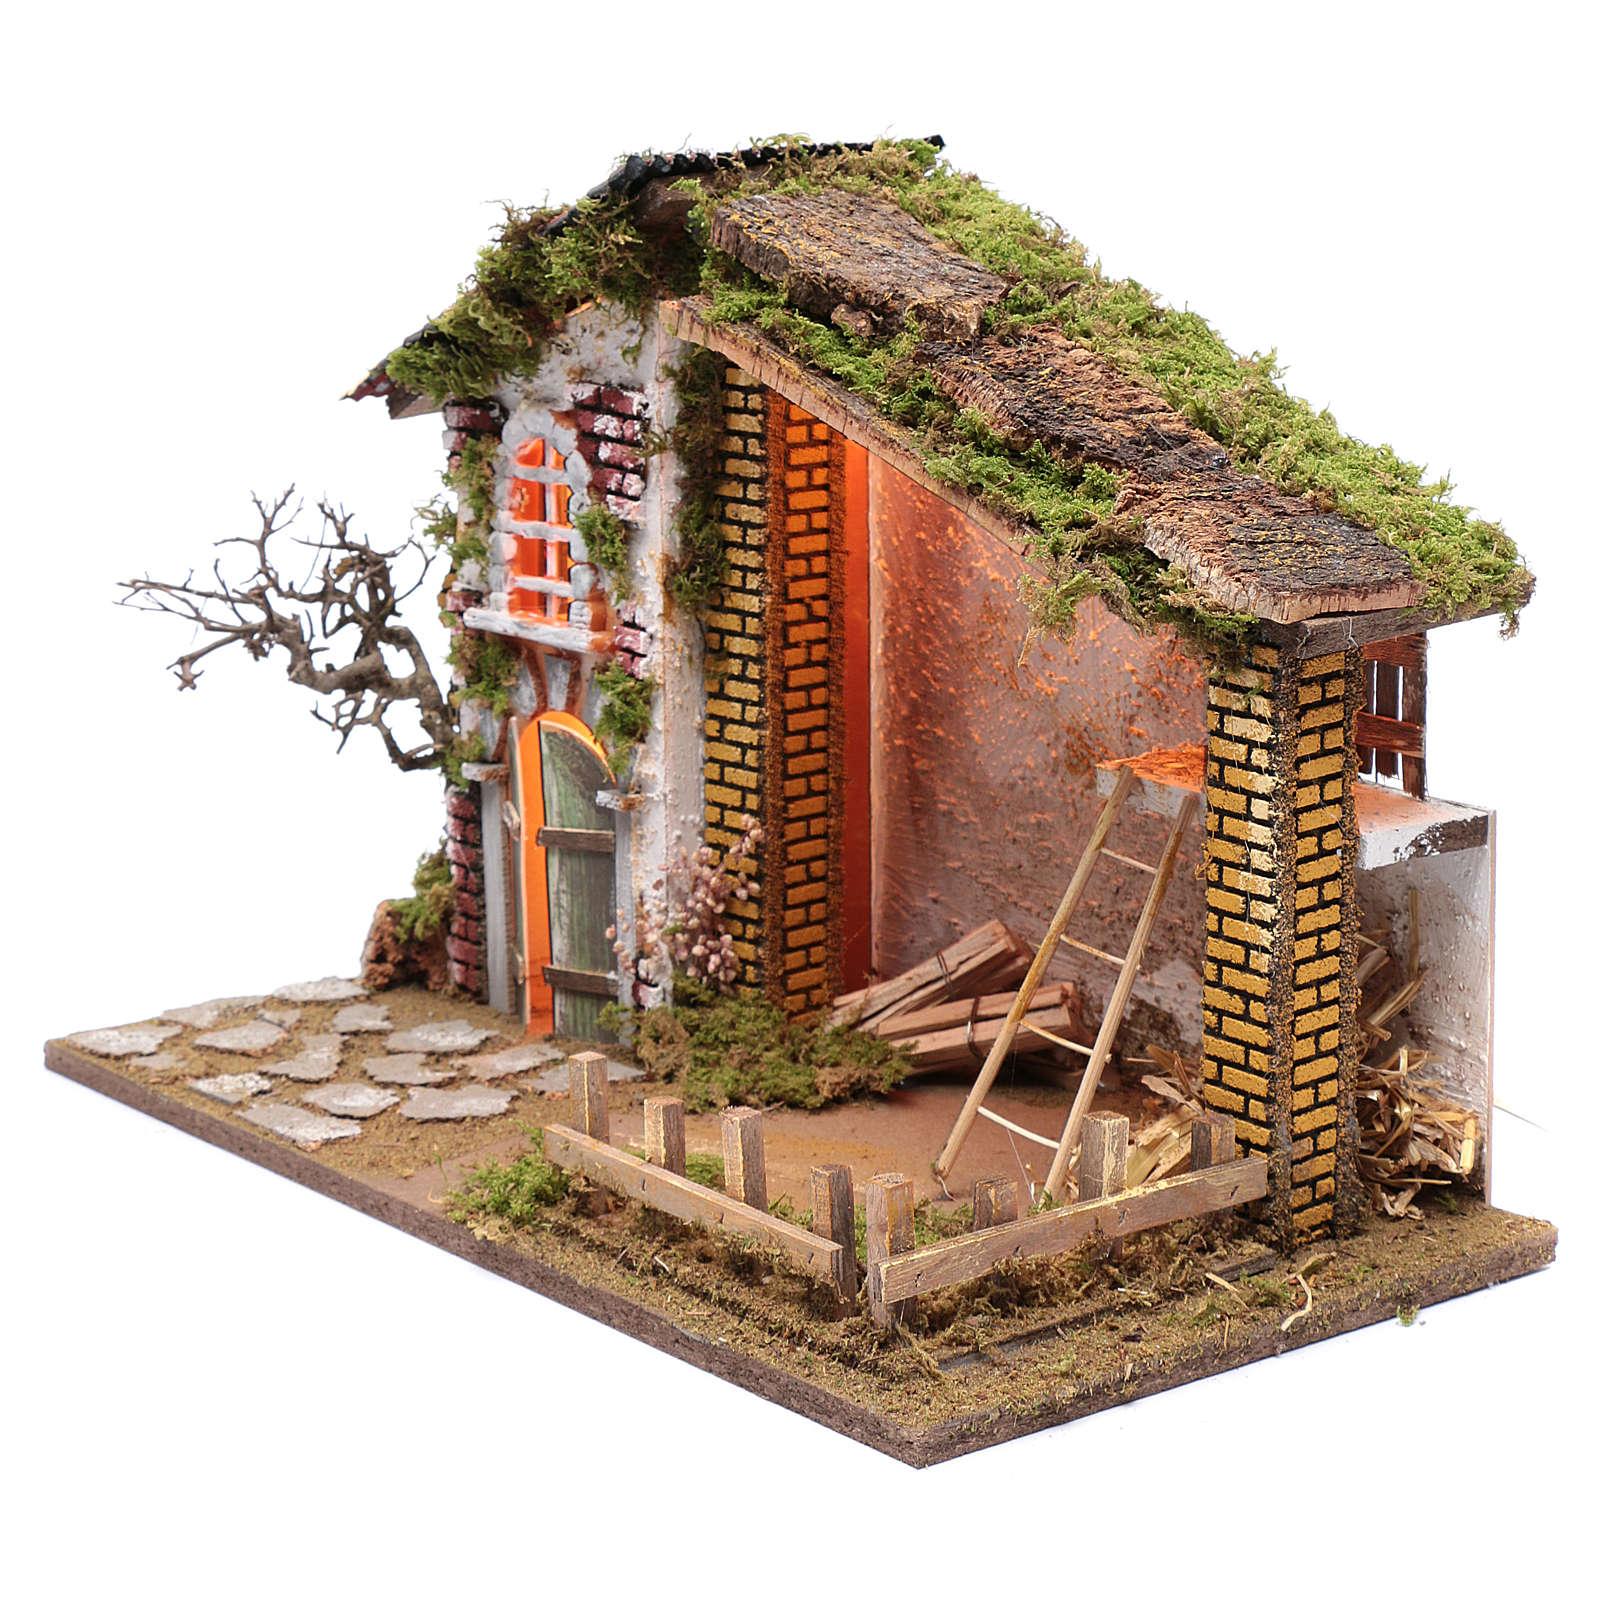 Ambientazione per presepe casa tetto rosso e fienile 35x50x25 cm 4